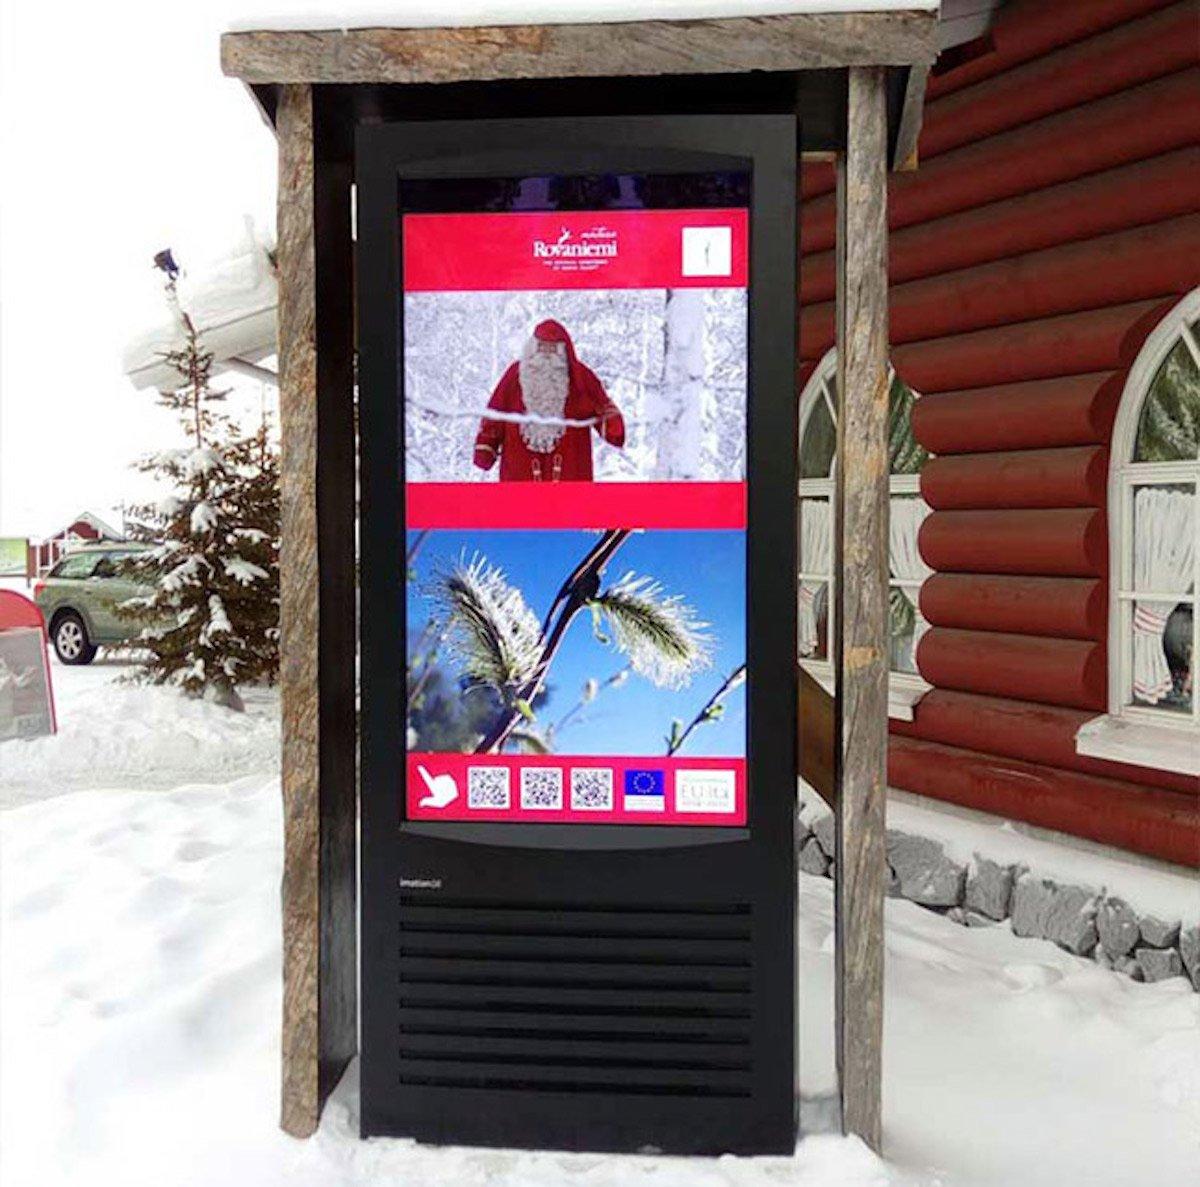 Ein freistehender imotion G 6 Screen informiert nun nahe des Polarkreises (Foto: Infinitus)